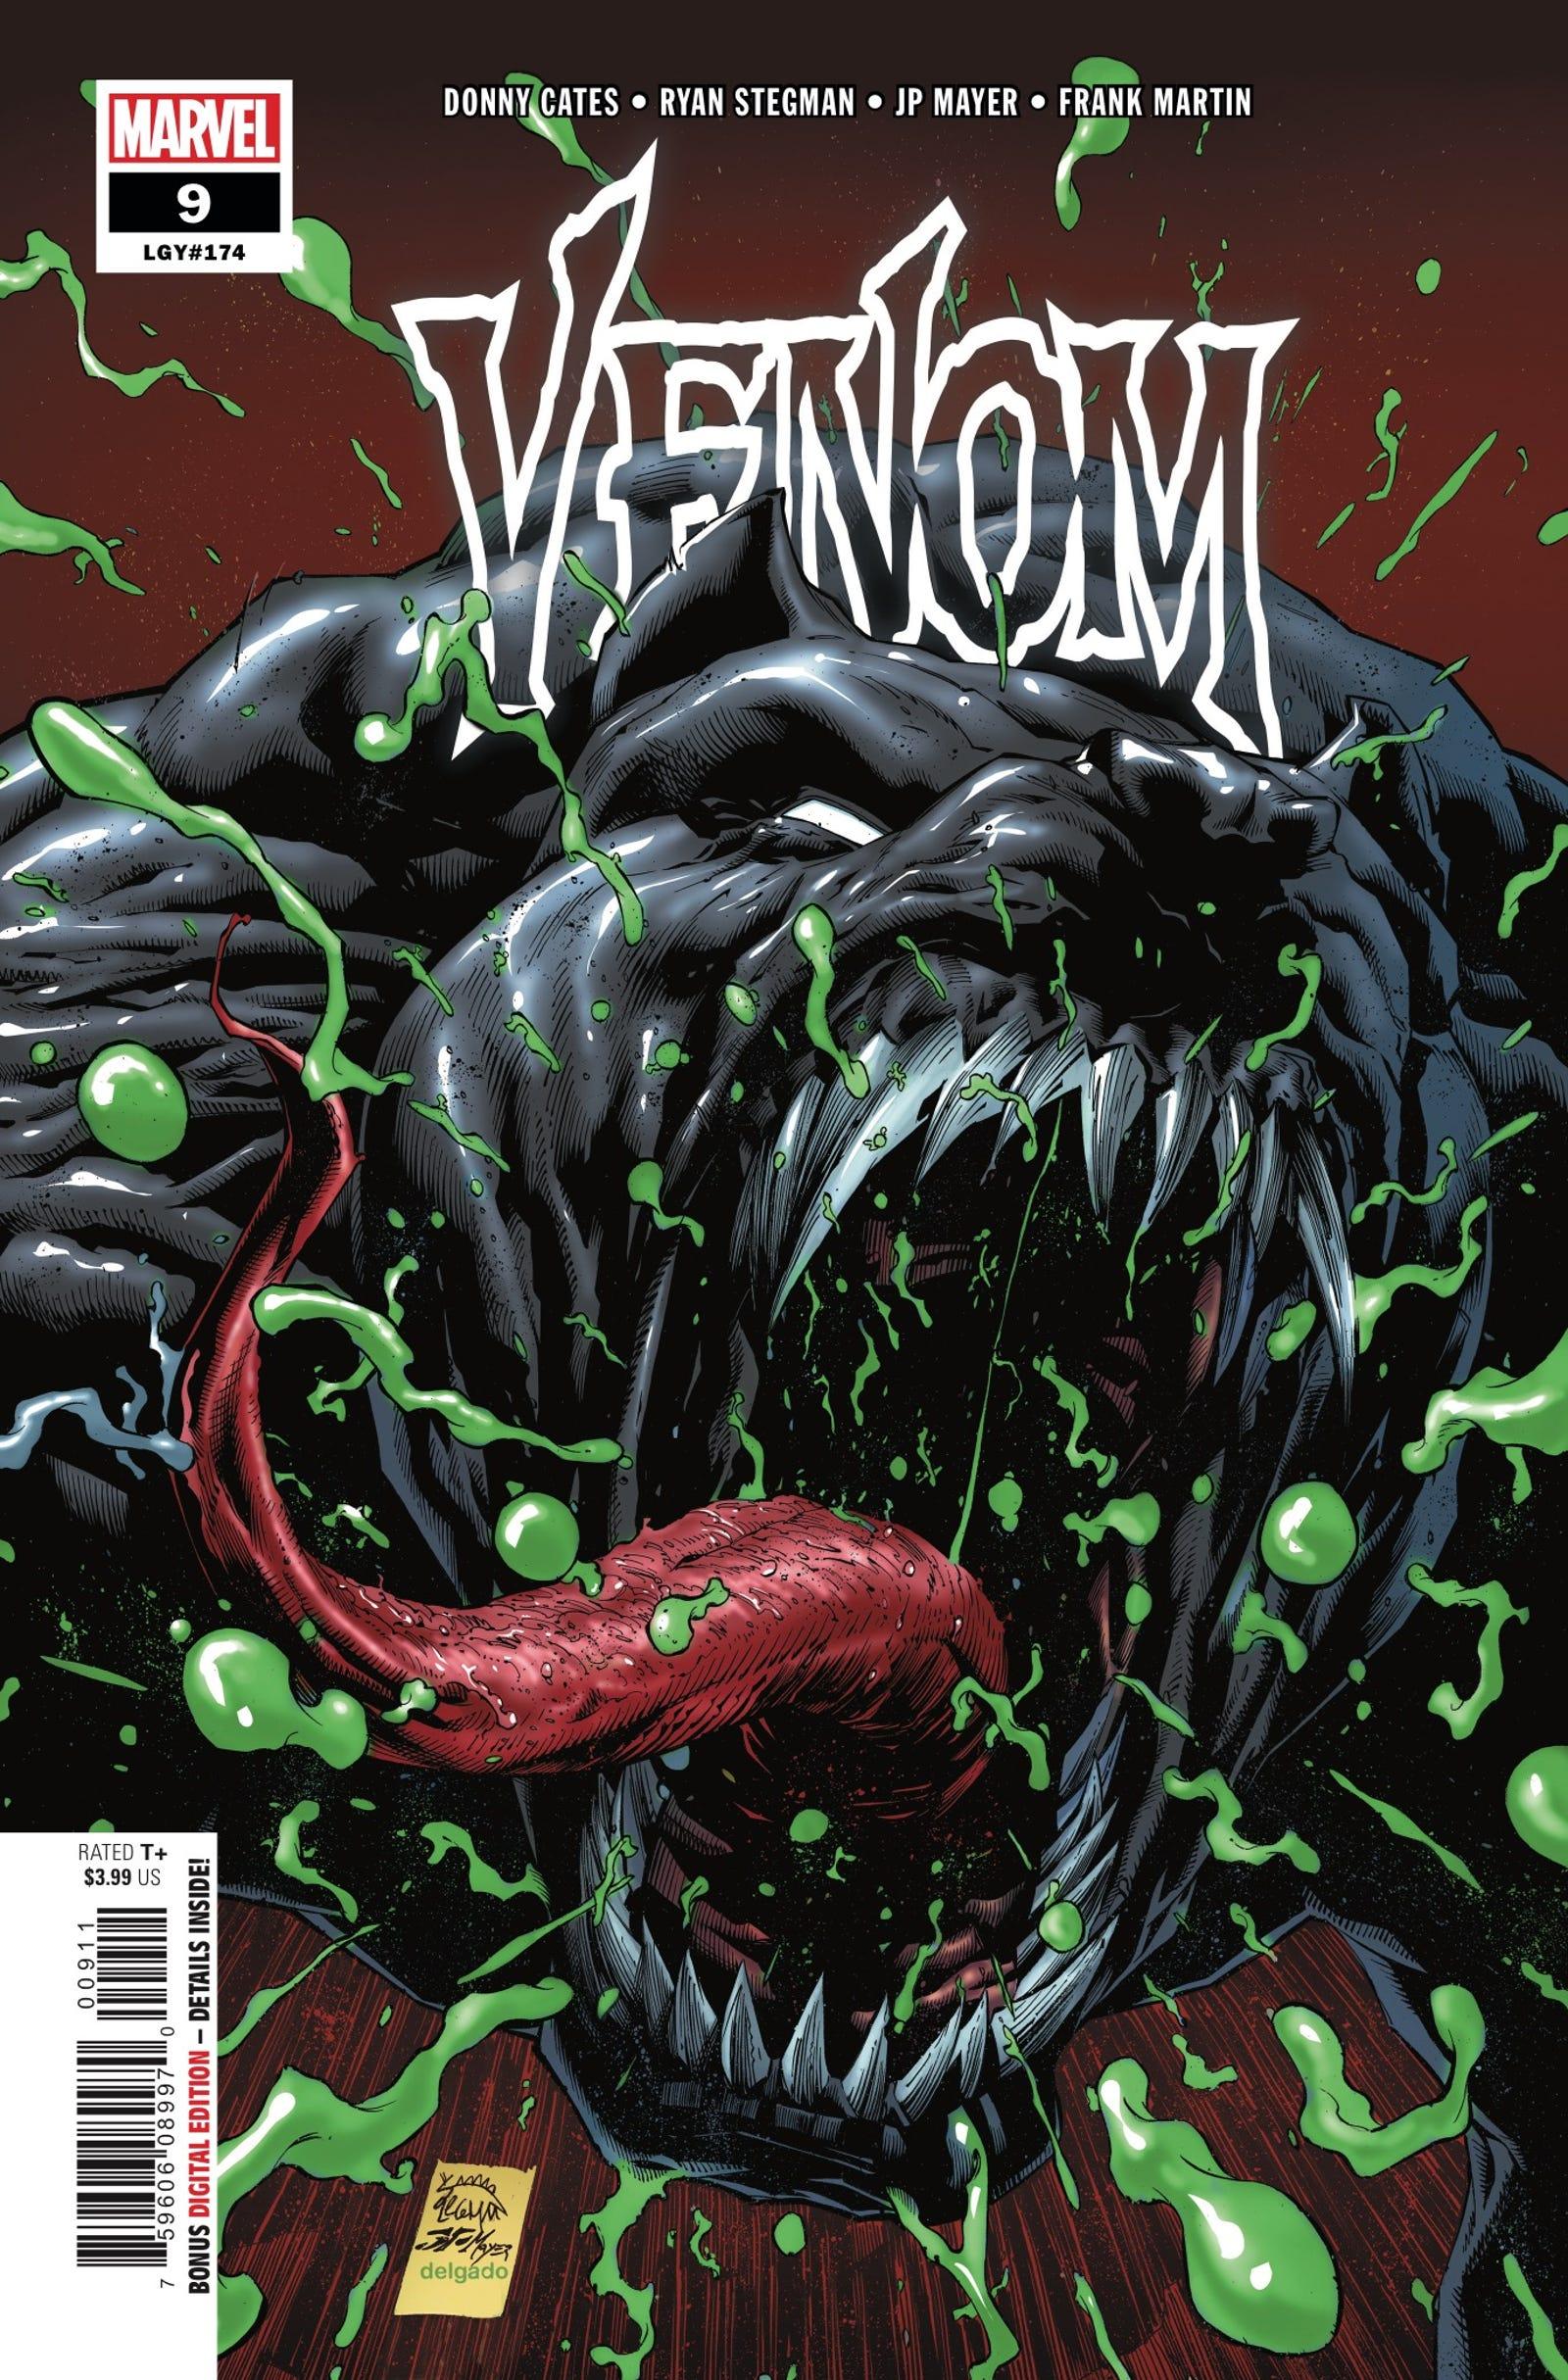 Cover by Ryan Stegman, JP Mayer, and Edgar Delgado